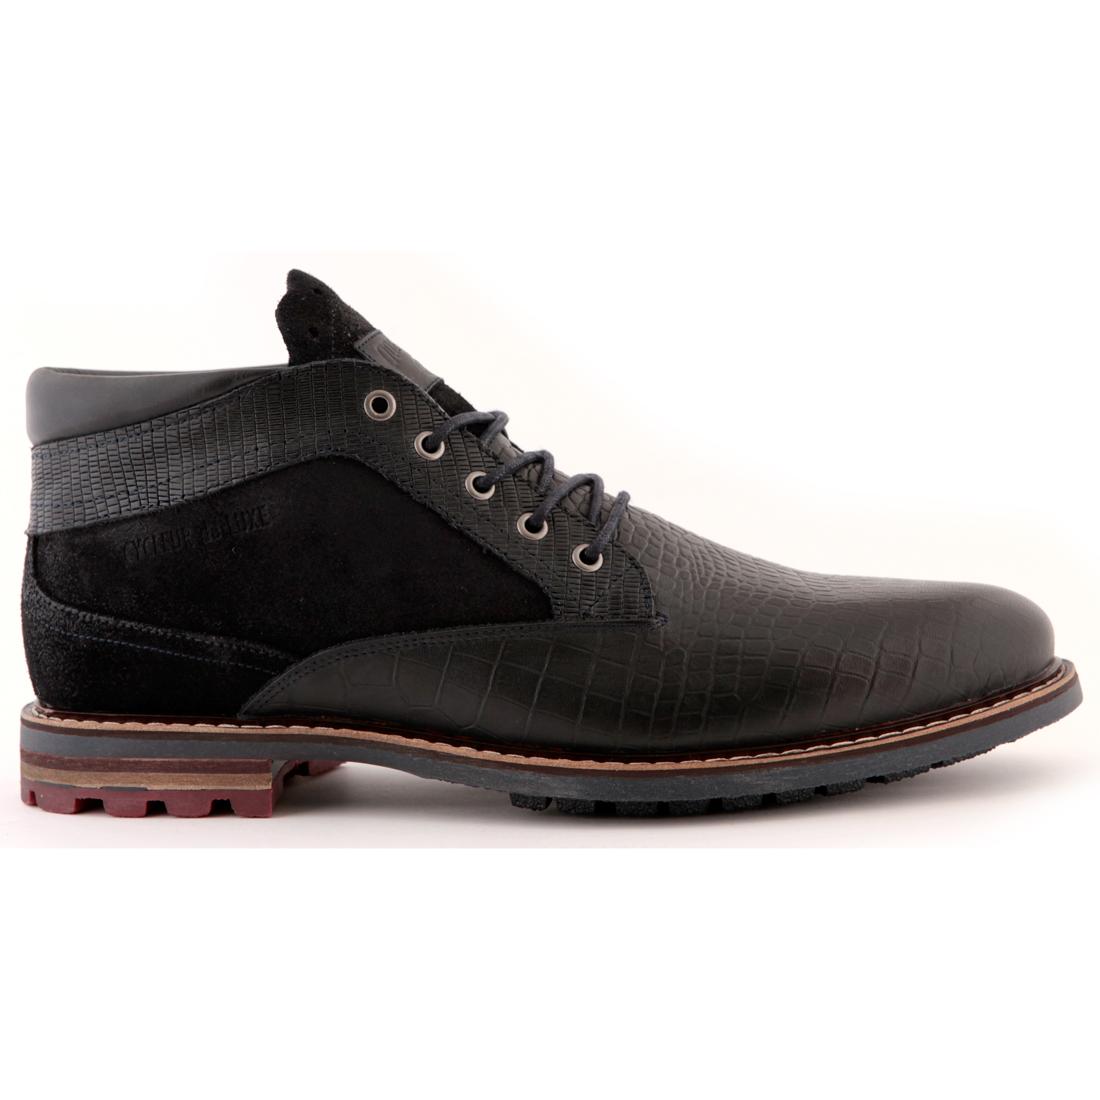 Image of Cycleur de Luxe schoenen 182738 in het Donker Blauw